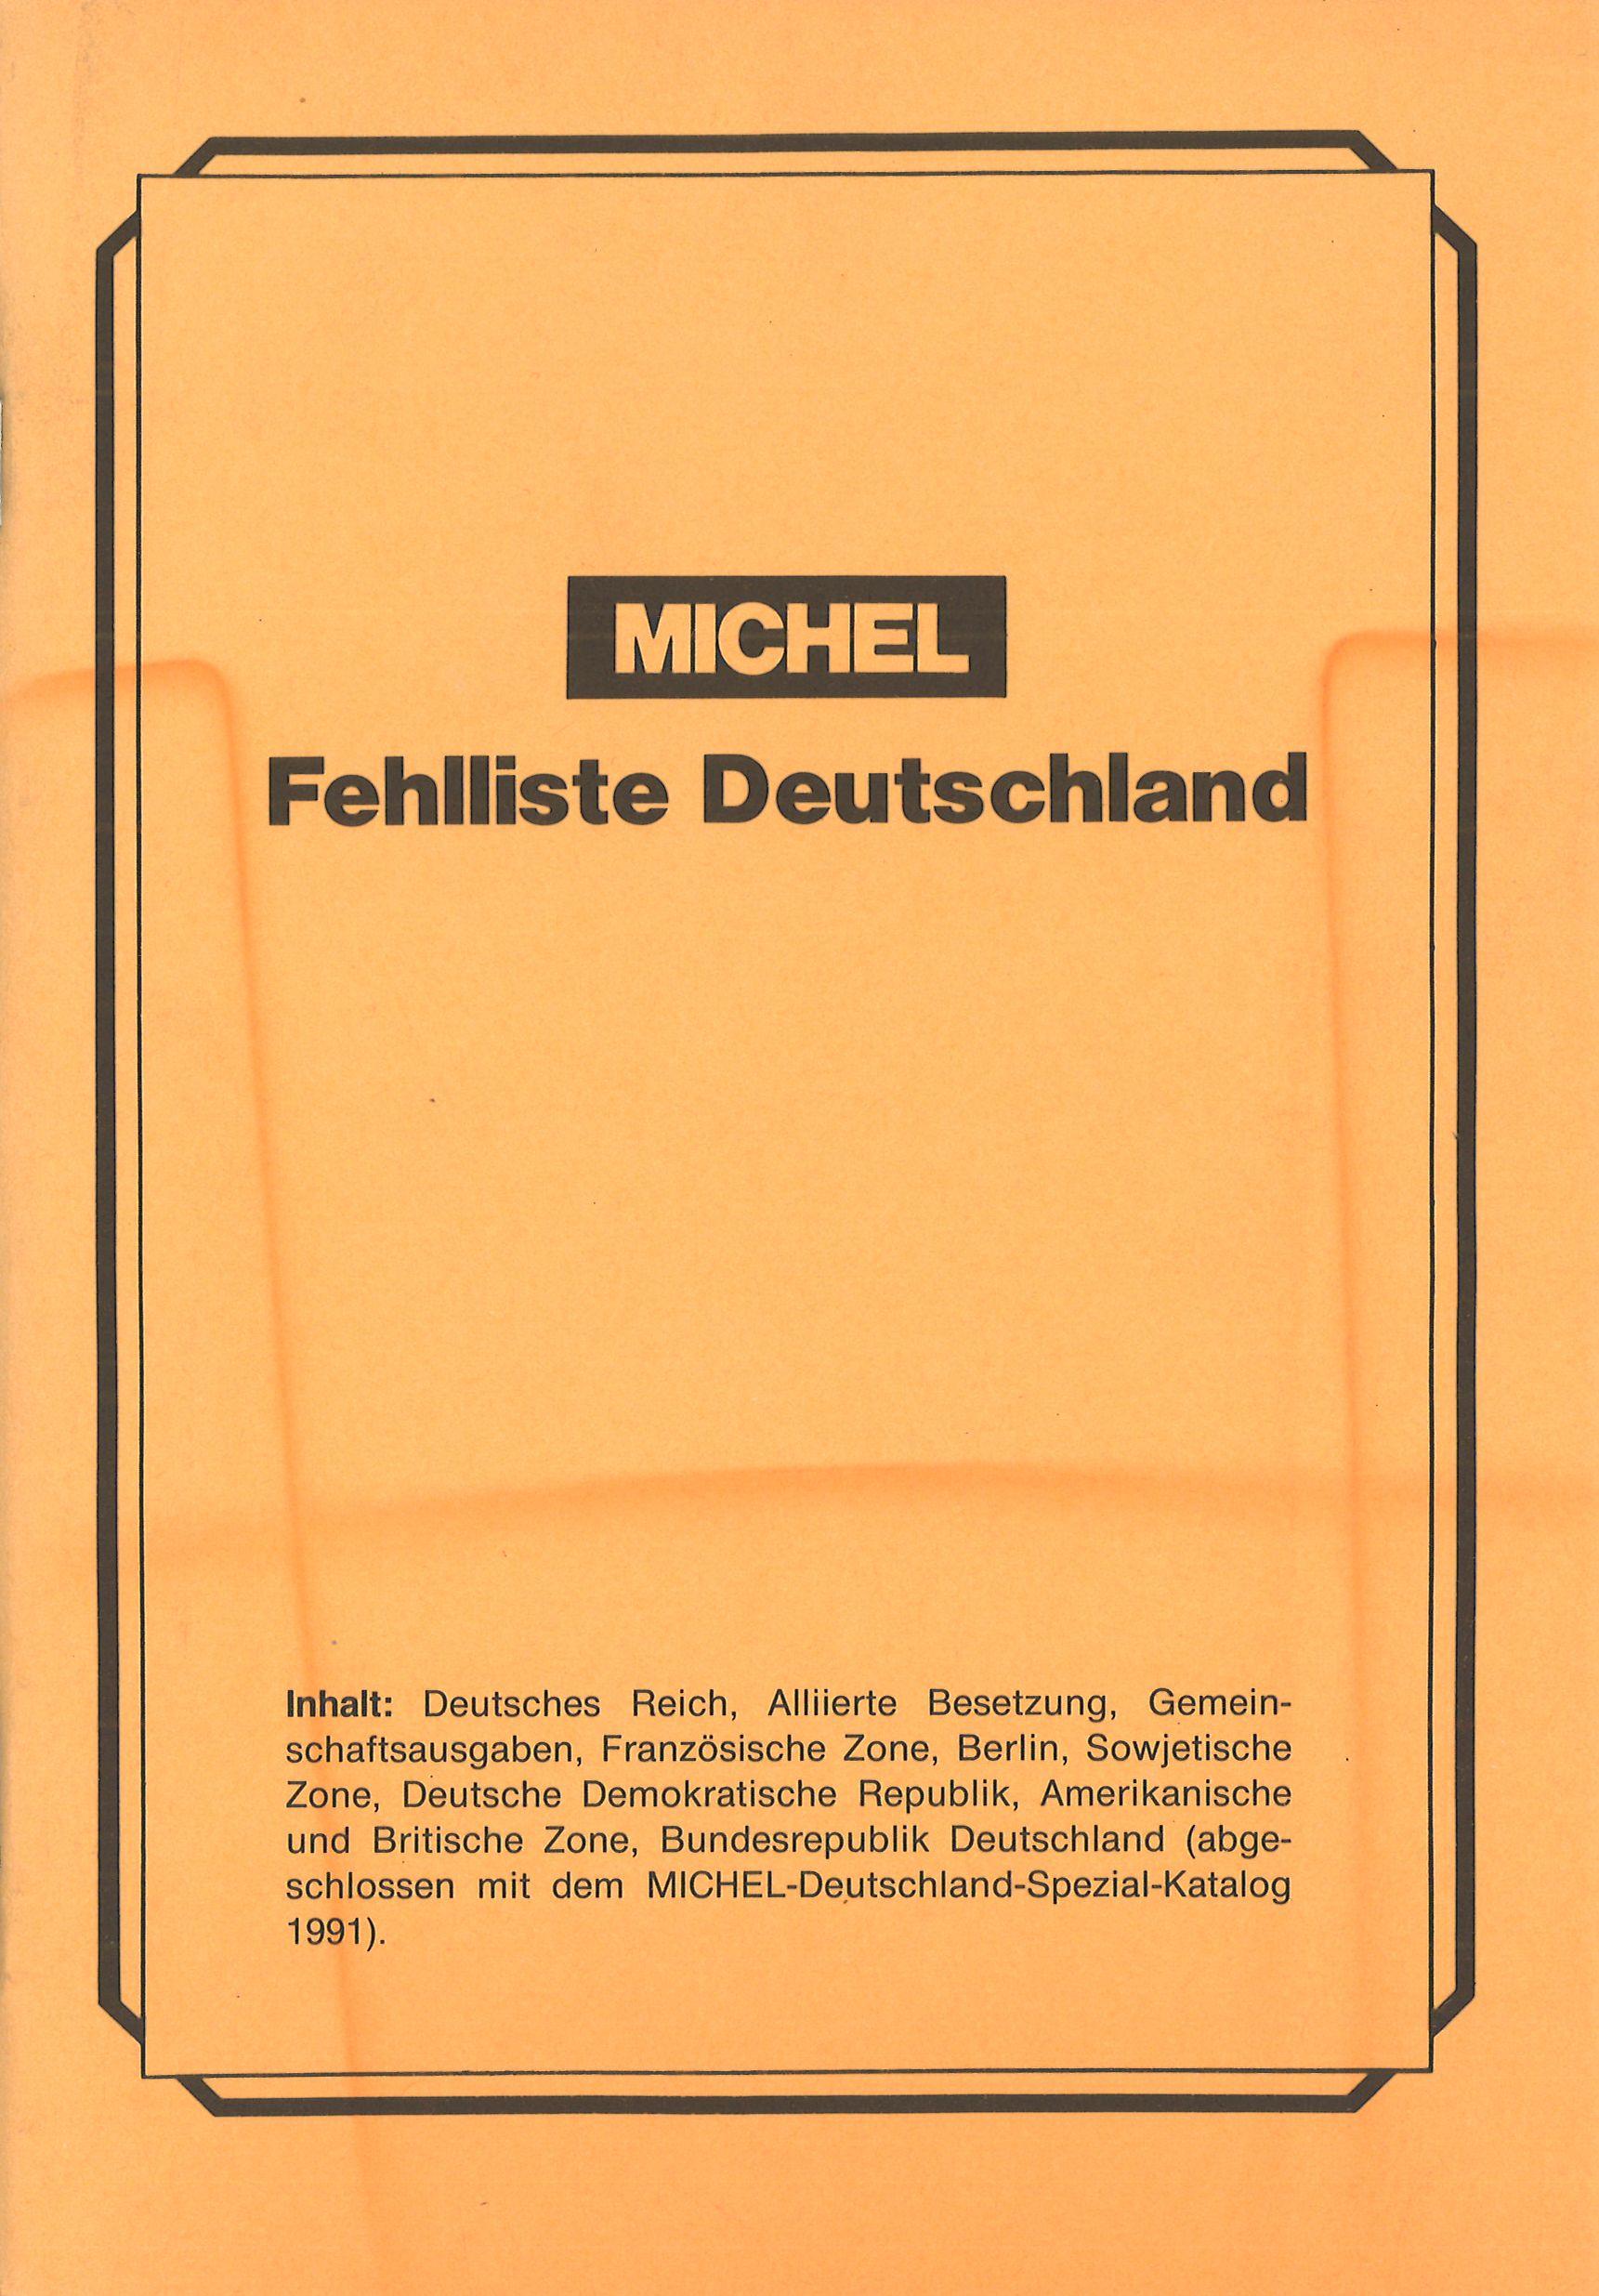 Michel Fehlliste Deutschland Marktplatz Philatelie